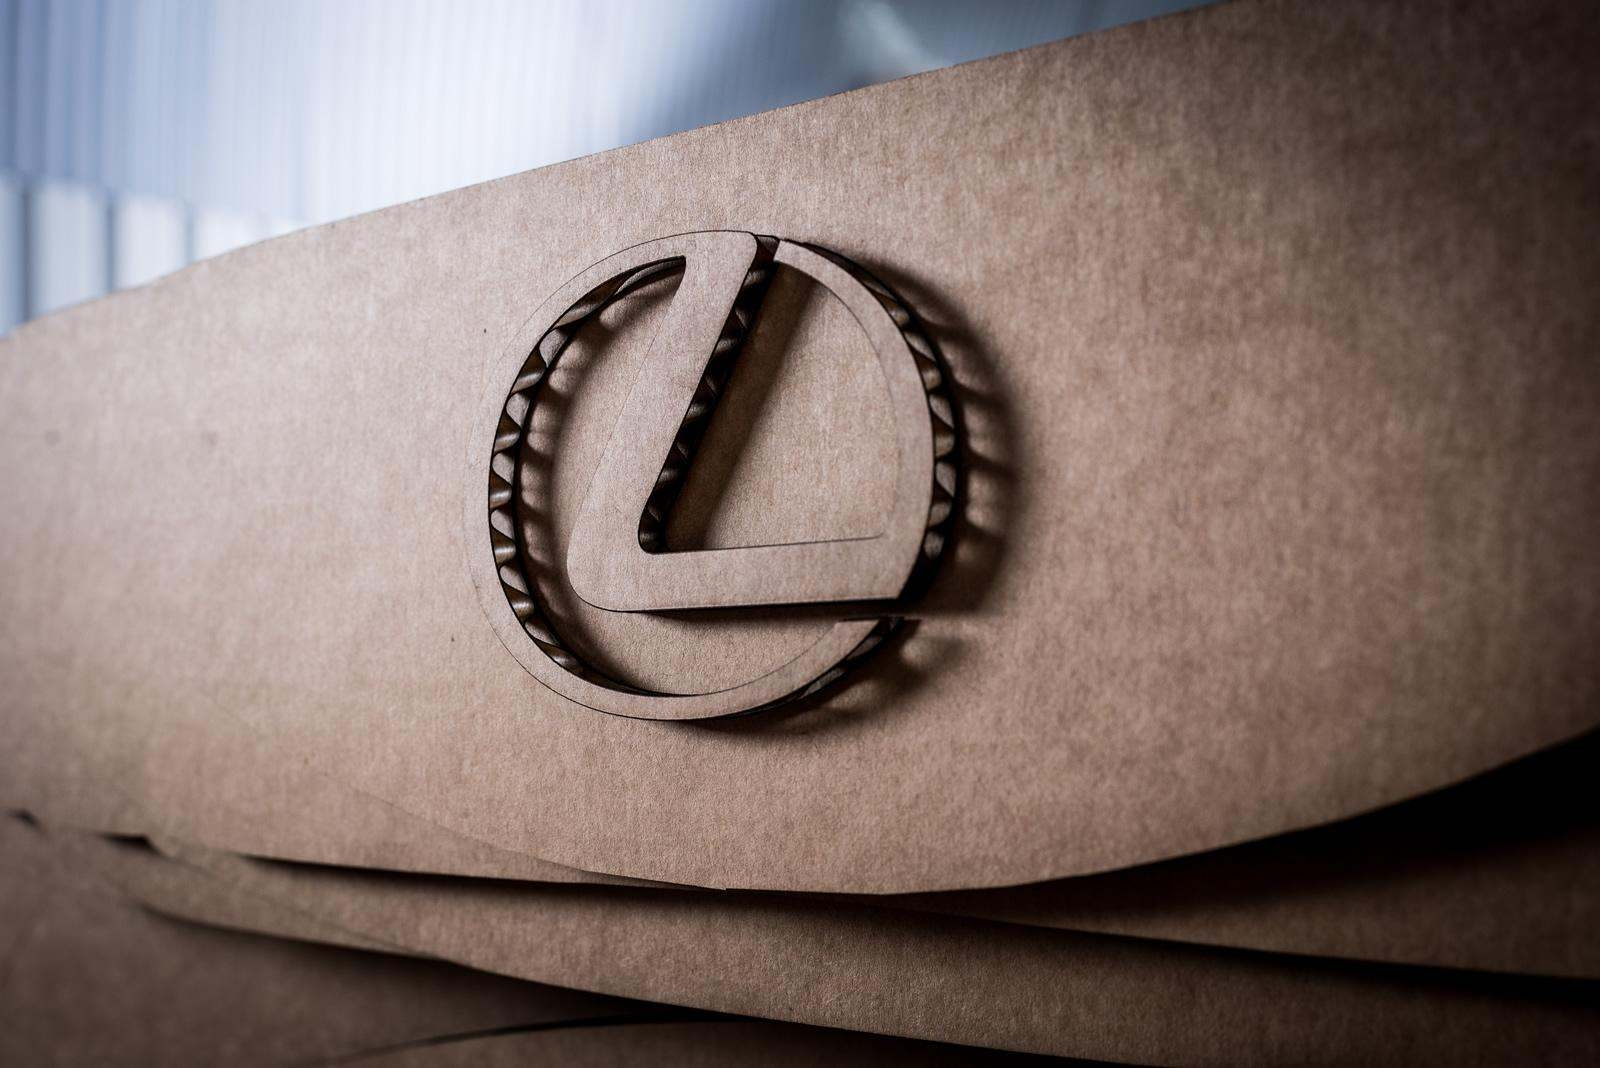 [Image: S0-Lexus-devoile-une-IS-roulante-en-carton-363714.jpg]